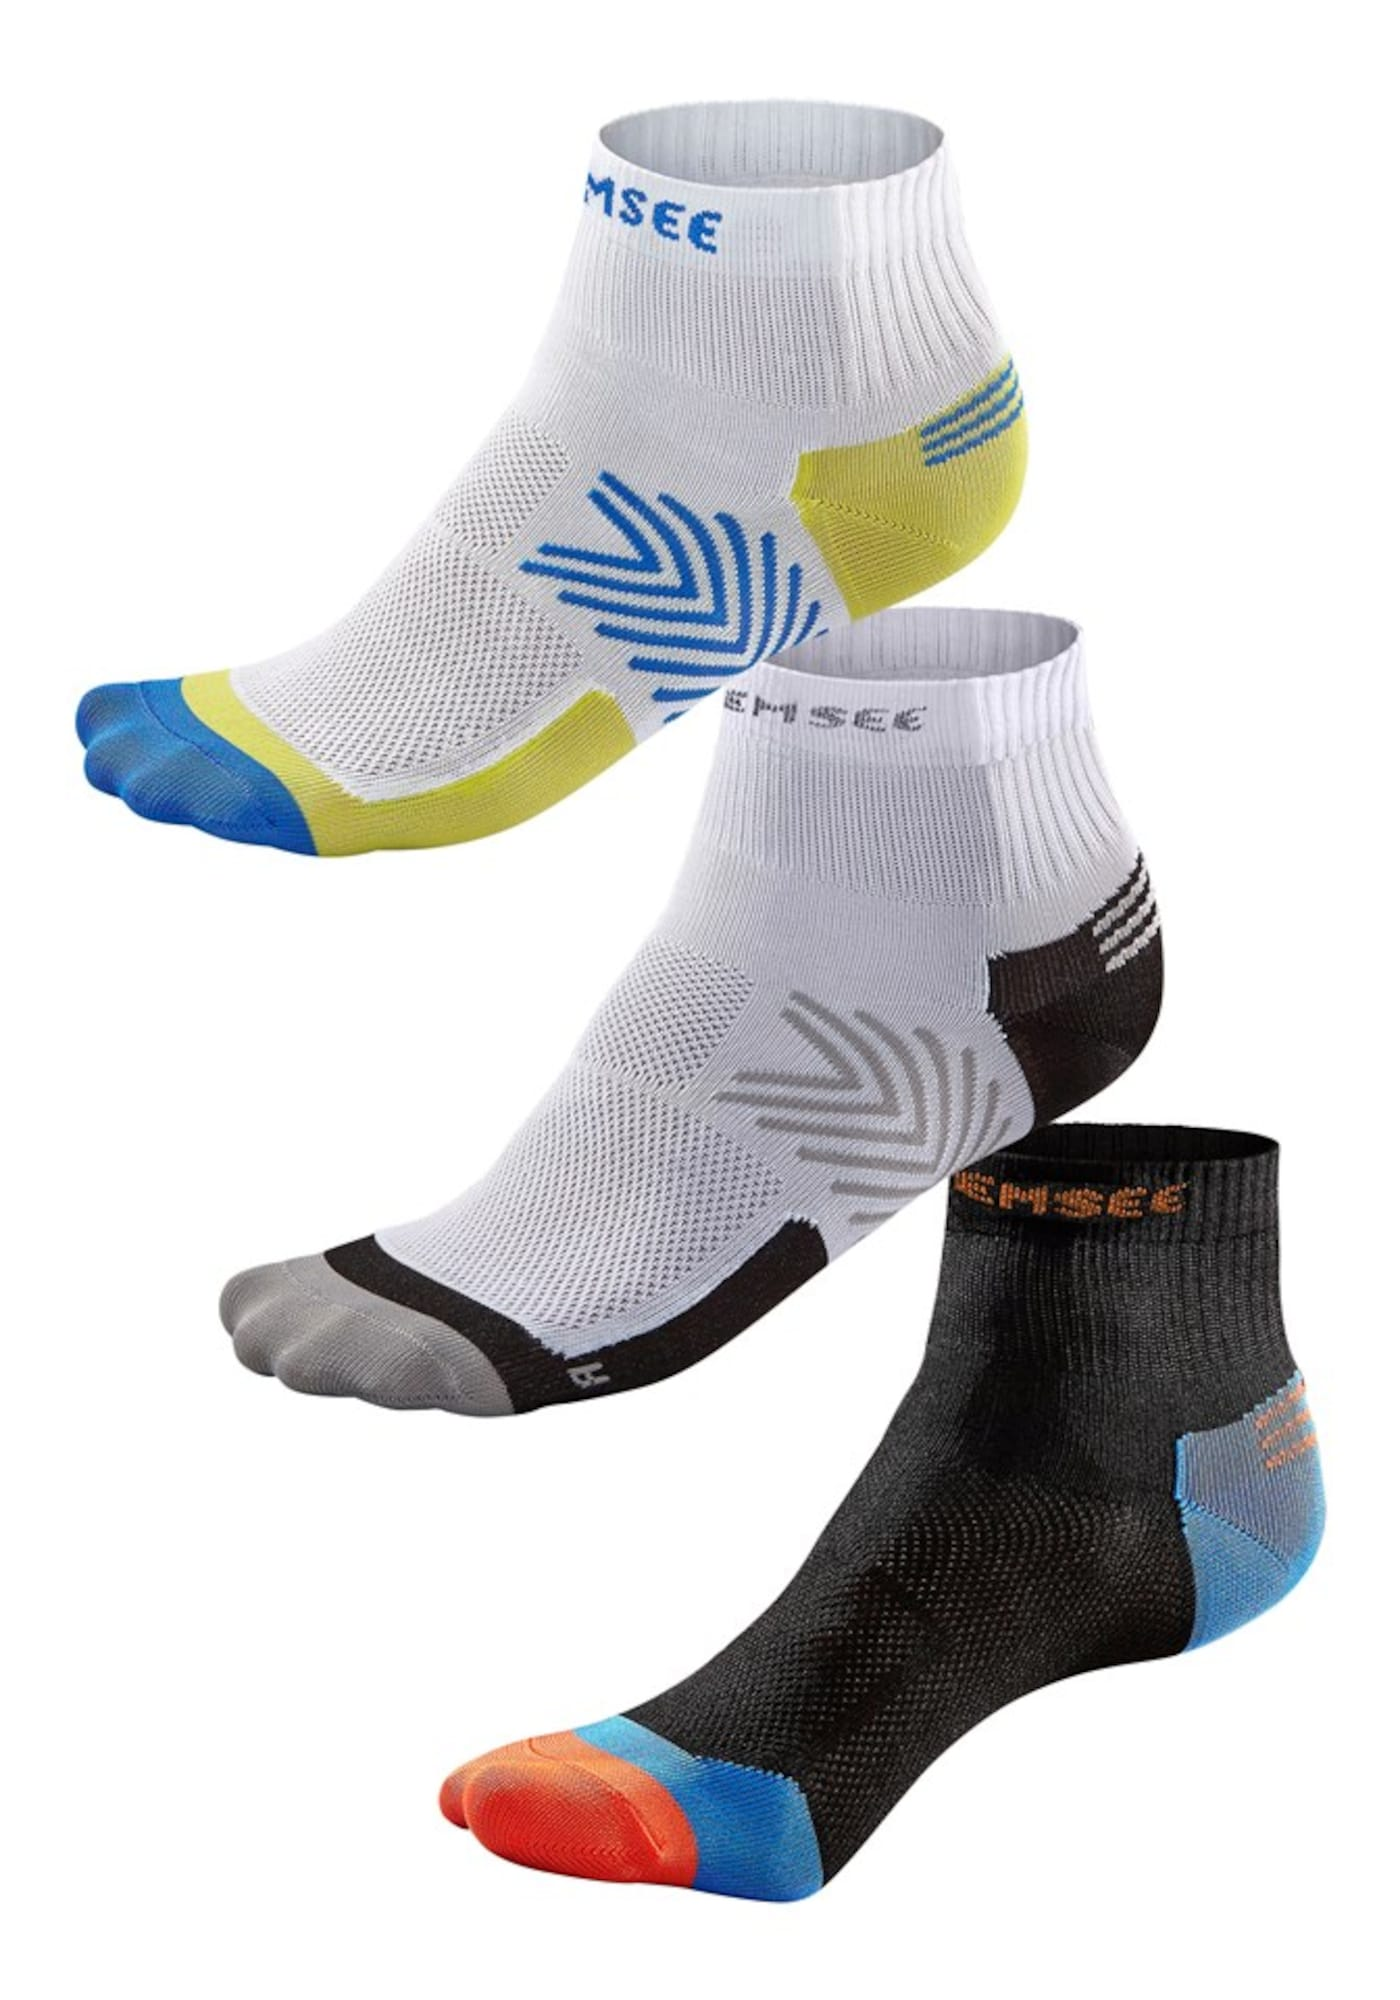 CHIEMSEE Sportinės kojinės mėlyna / oranžinė / juoda / balta